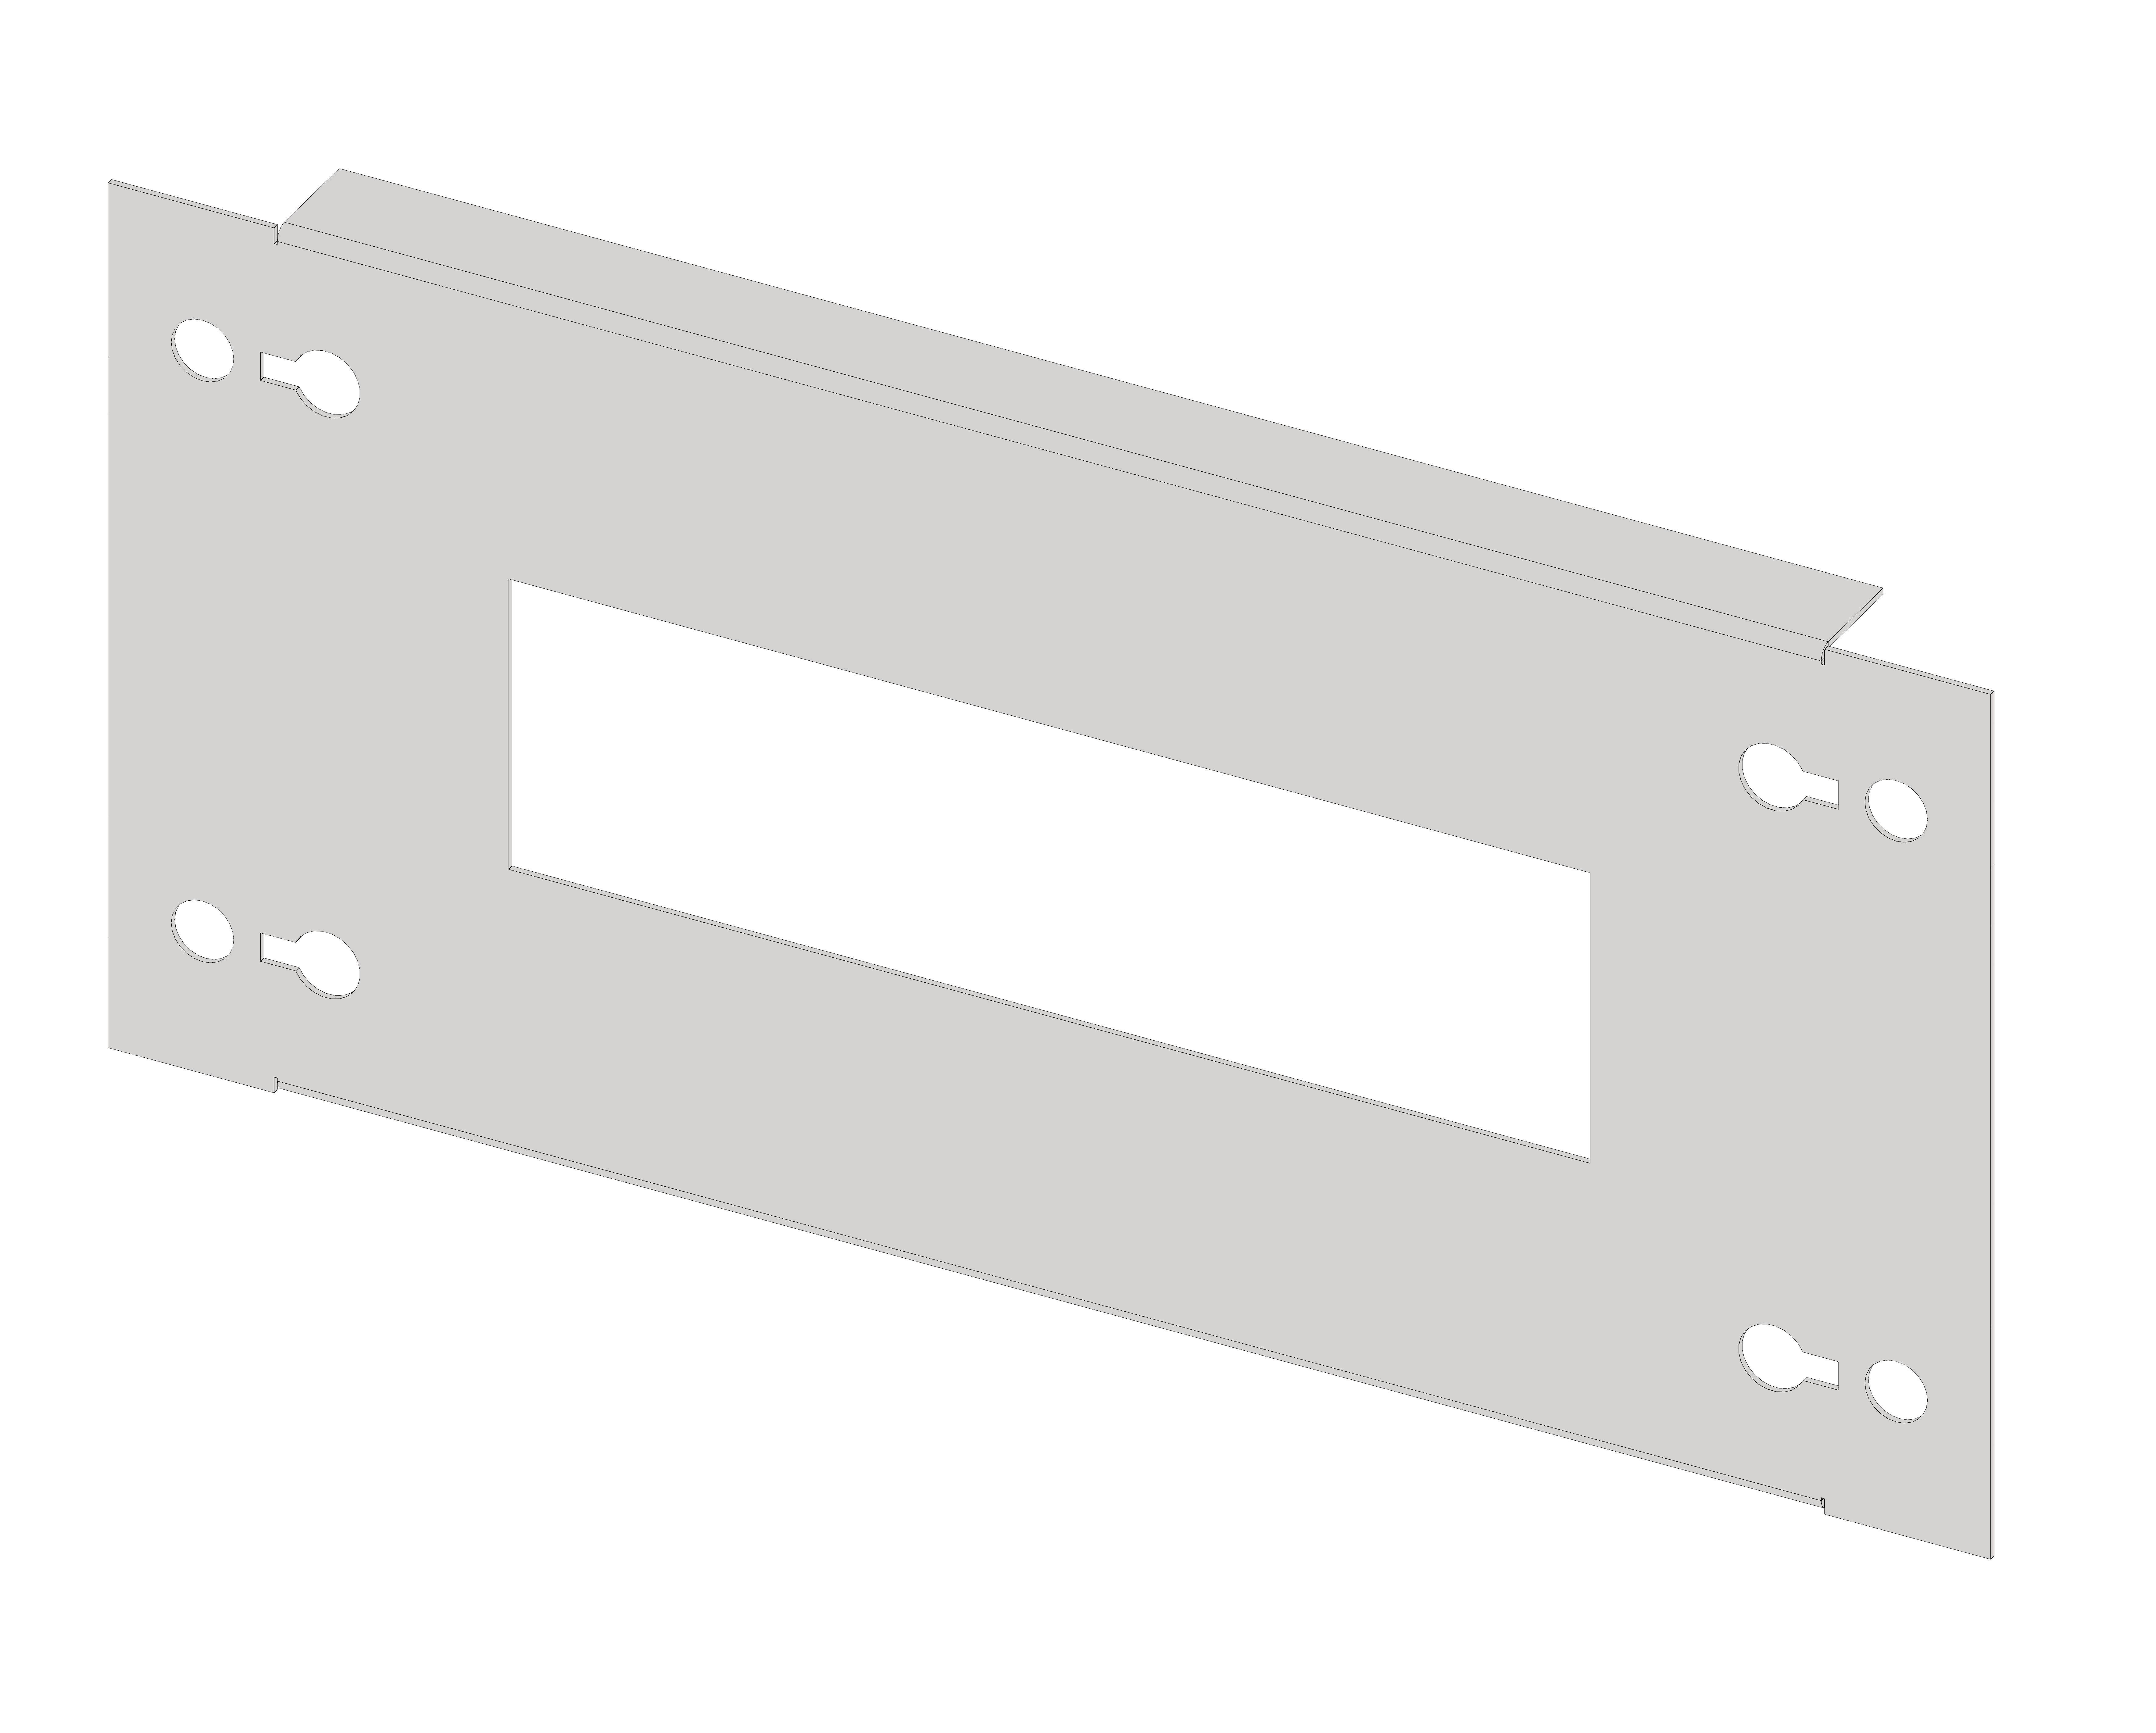 1 Stk Gerätefrontplatte 1G3 Stahlblech IL051103-H